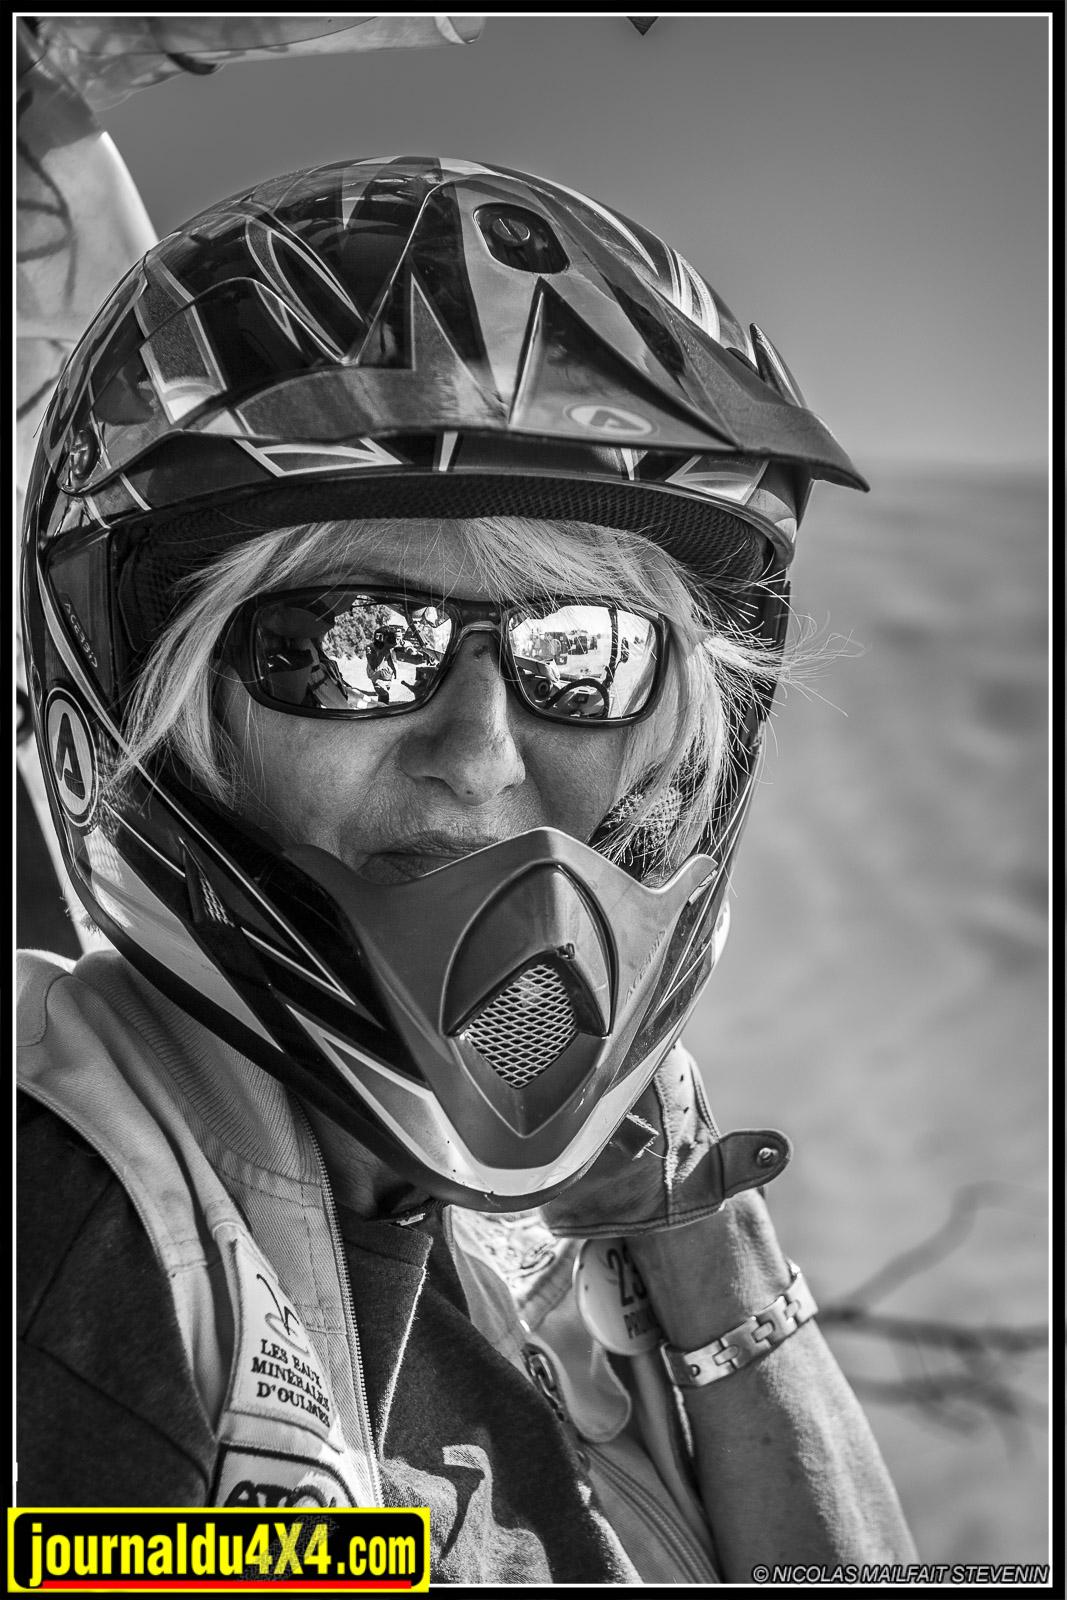 rallye-aicha-gazelles-maroc-2017-7176.jpg